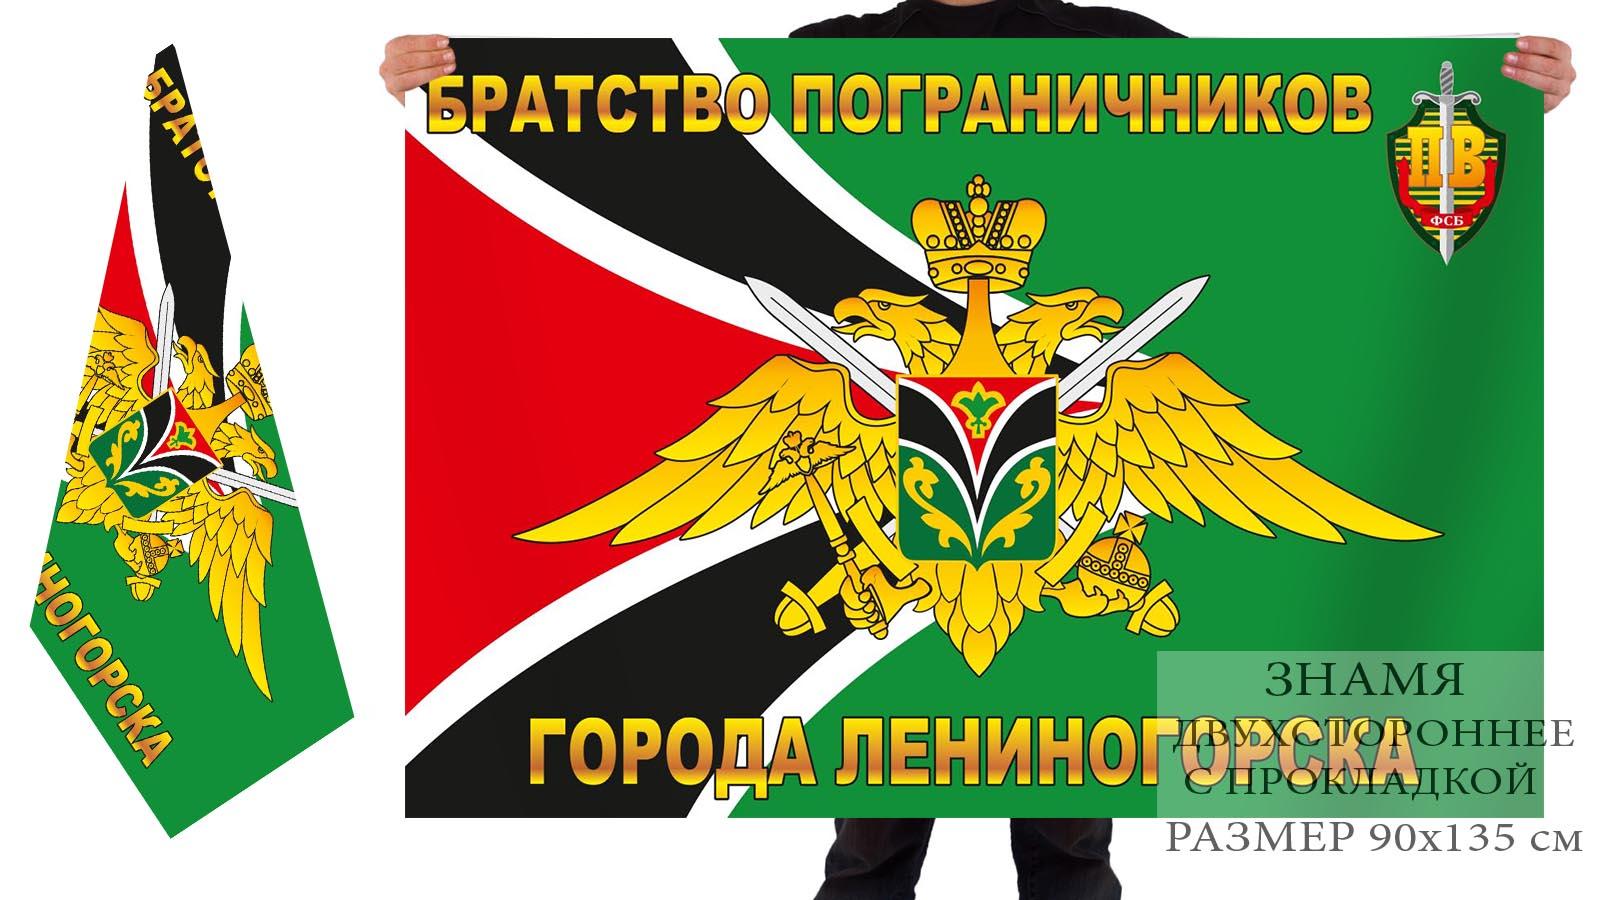 Двусторонний флаг братства пограничников города Лениногорска